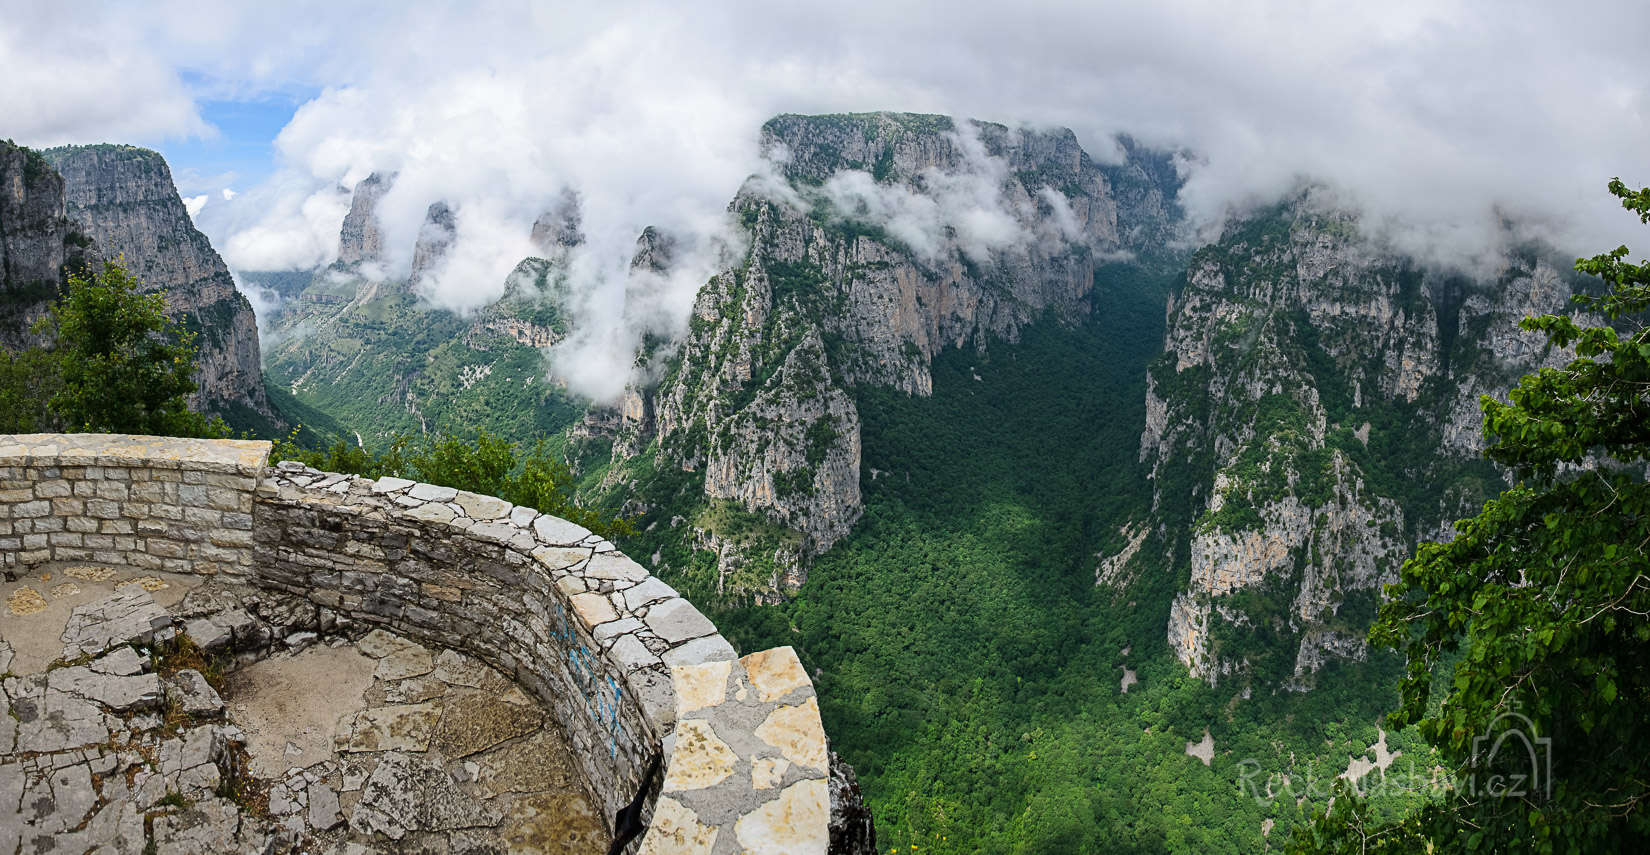 kamenný balkon na vyhlídce Oxia (1300m n.m.)